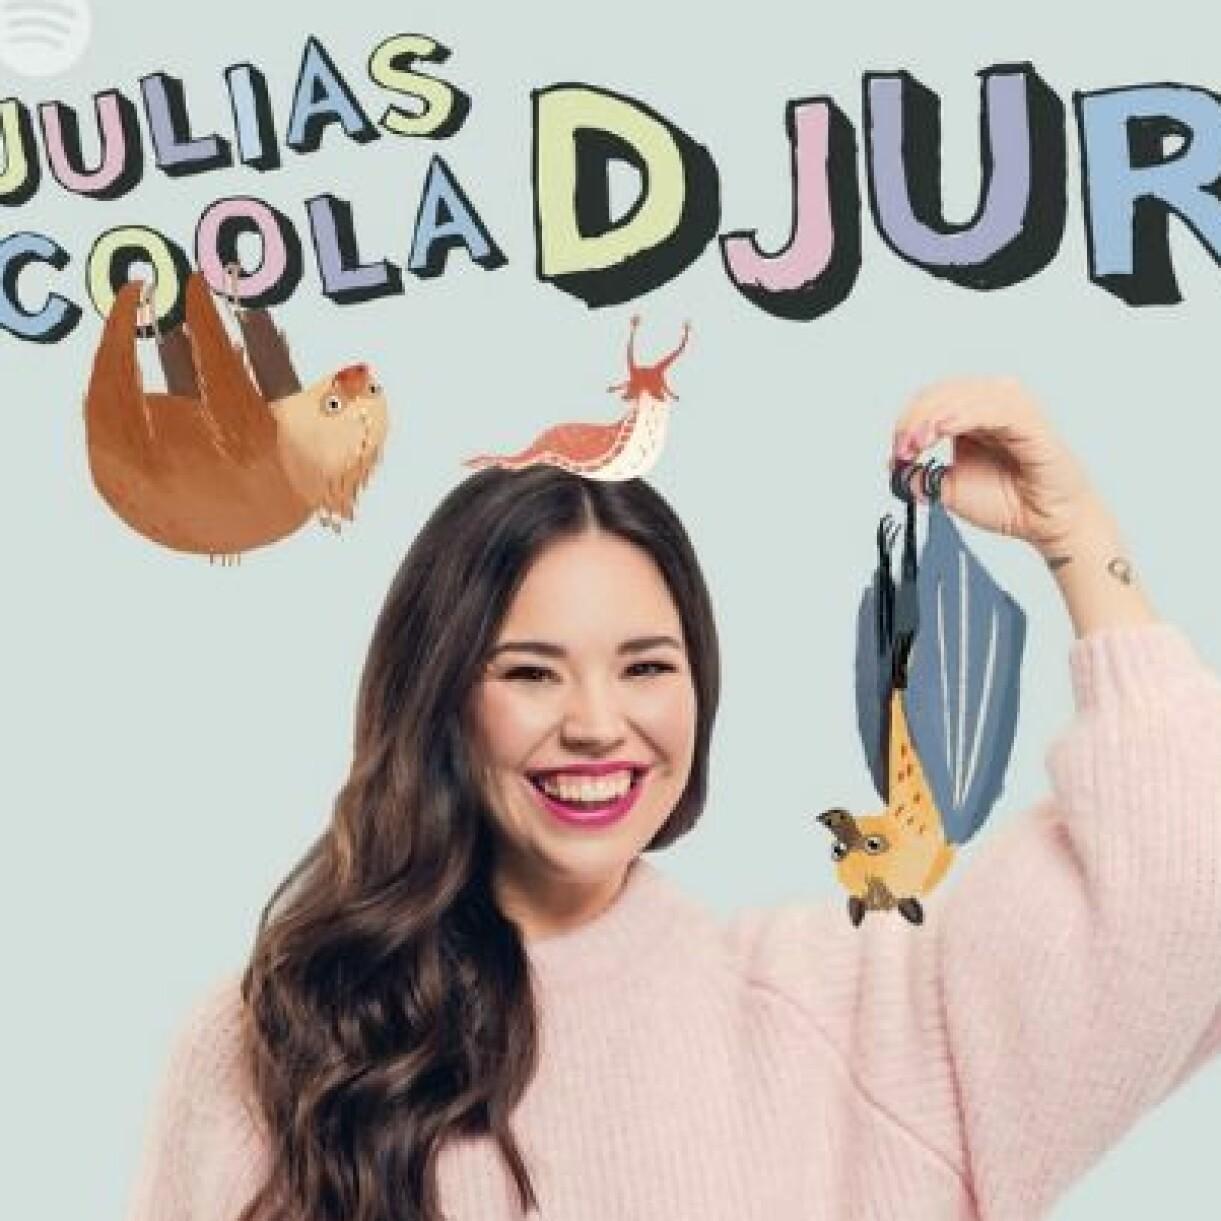 Julias coola djur